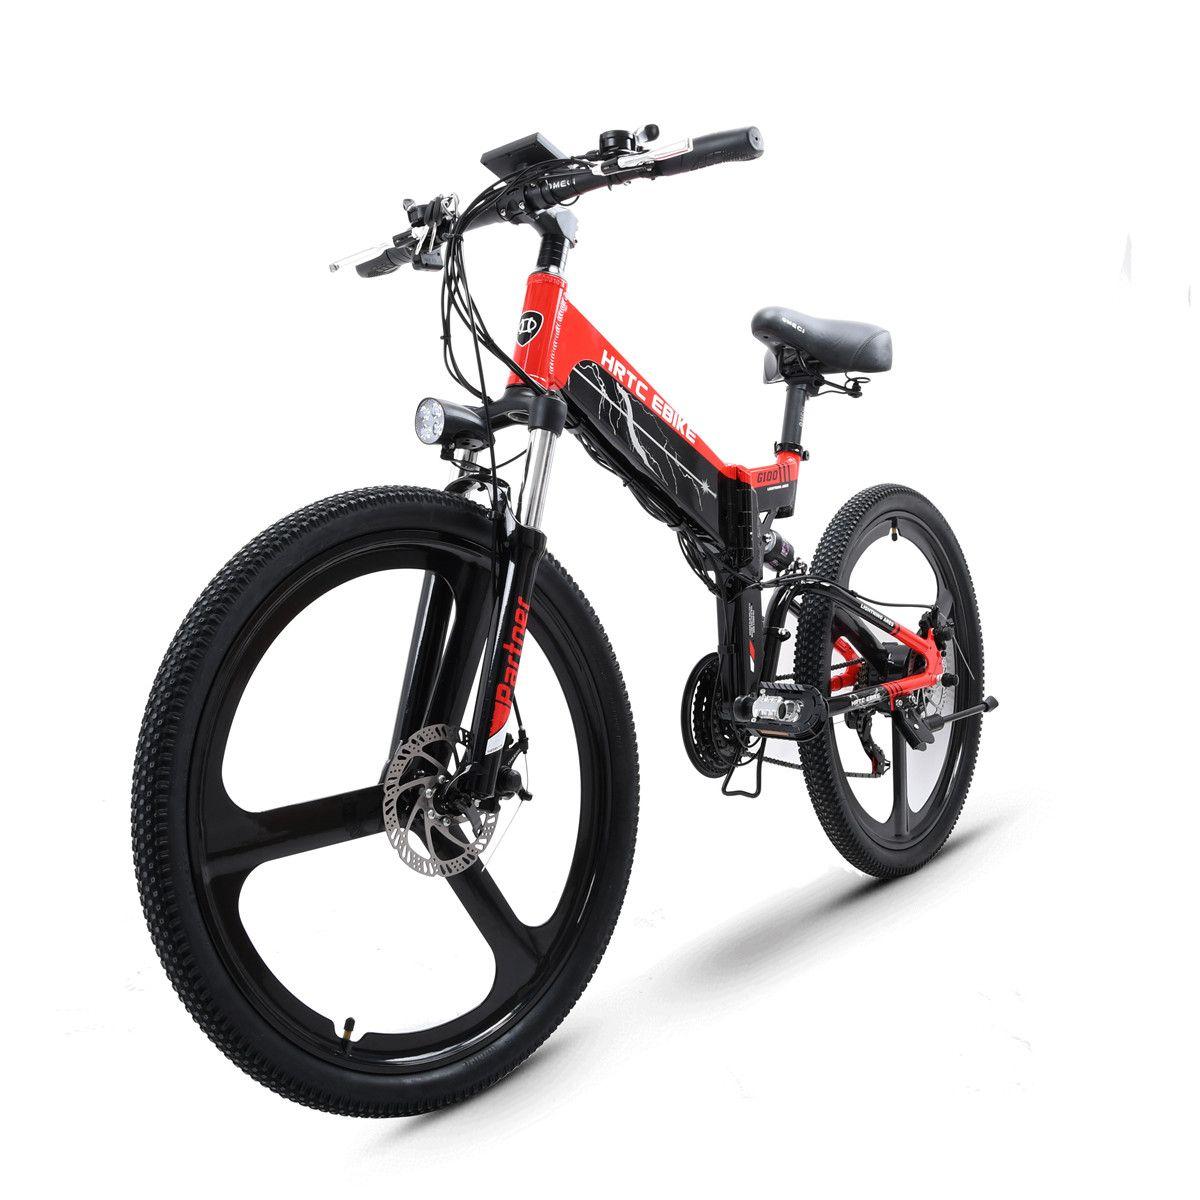 26inch elektro mountainbike 48V400W high speed motor Leichte rahmen versteckte lithium-batterie elektrische ebike